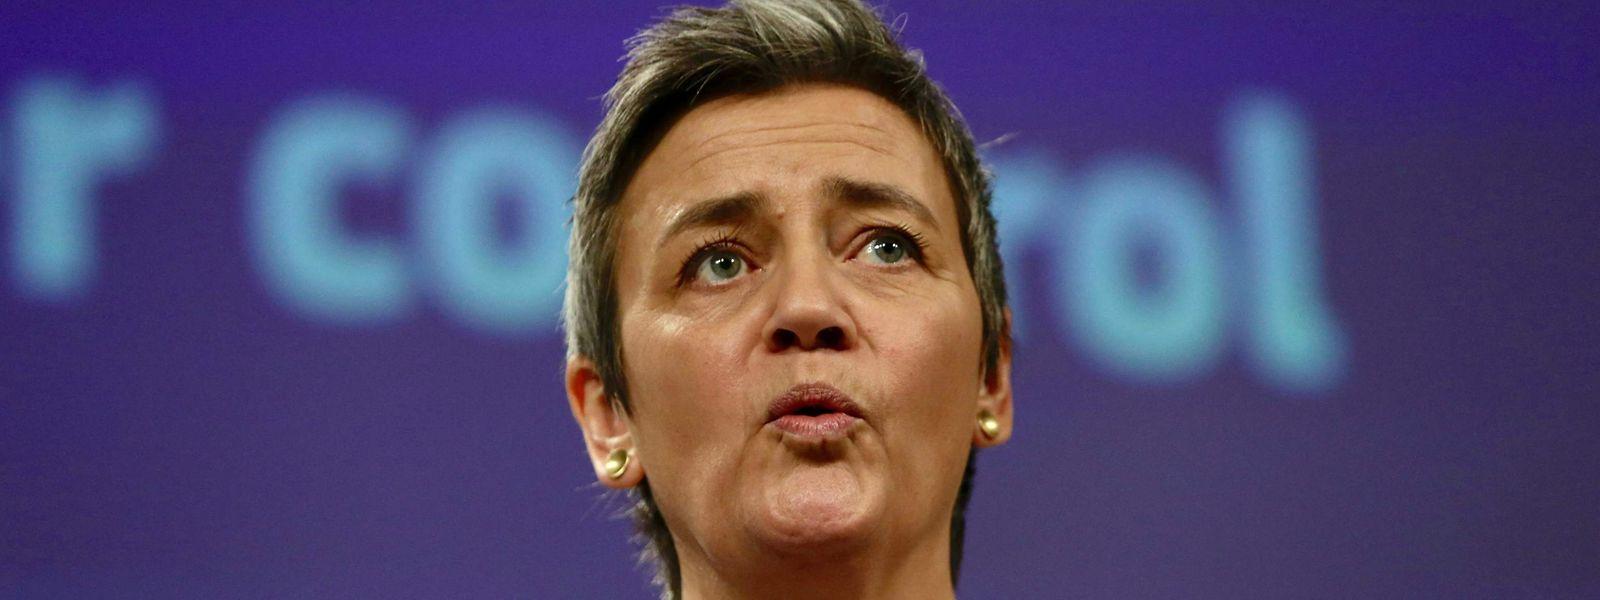 Trotz des Drucks aus Paris und Berlin bleibt Margrethe Vestager hart.